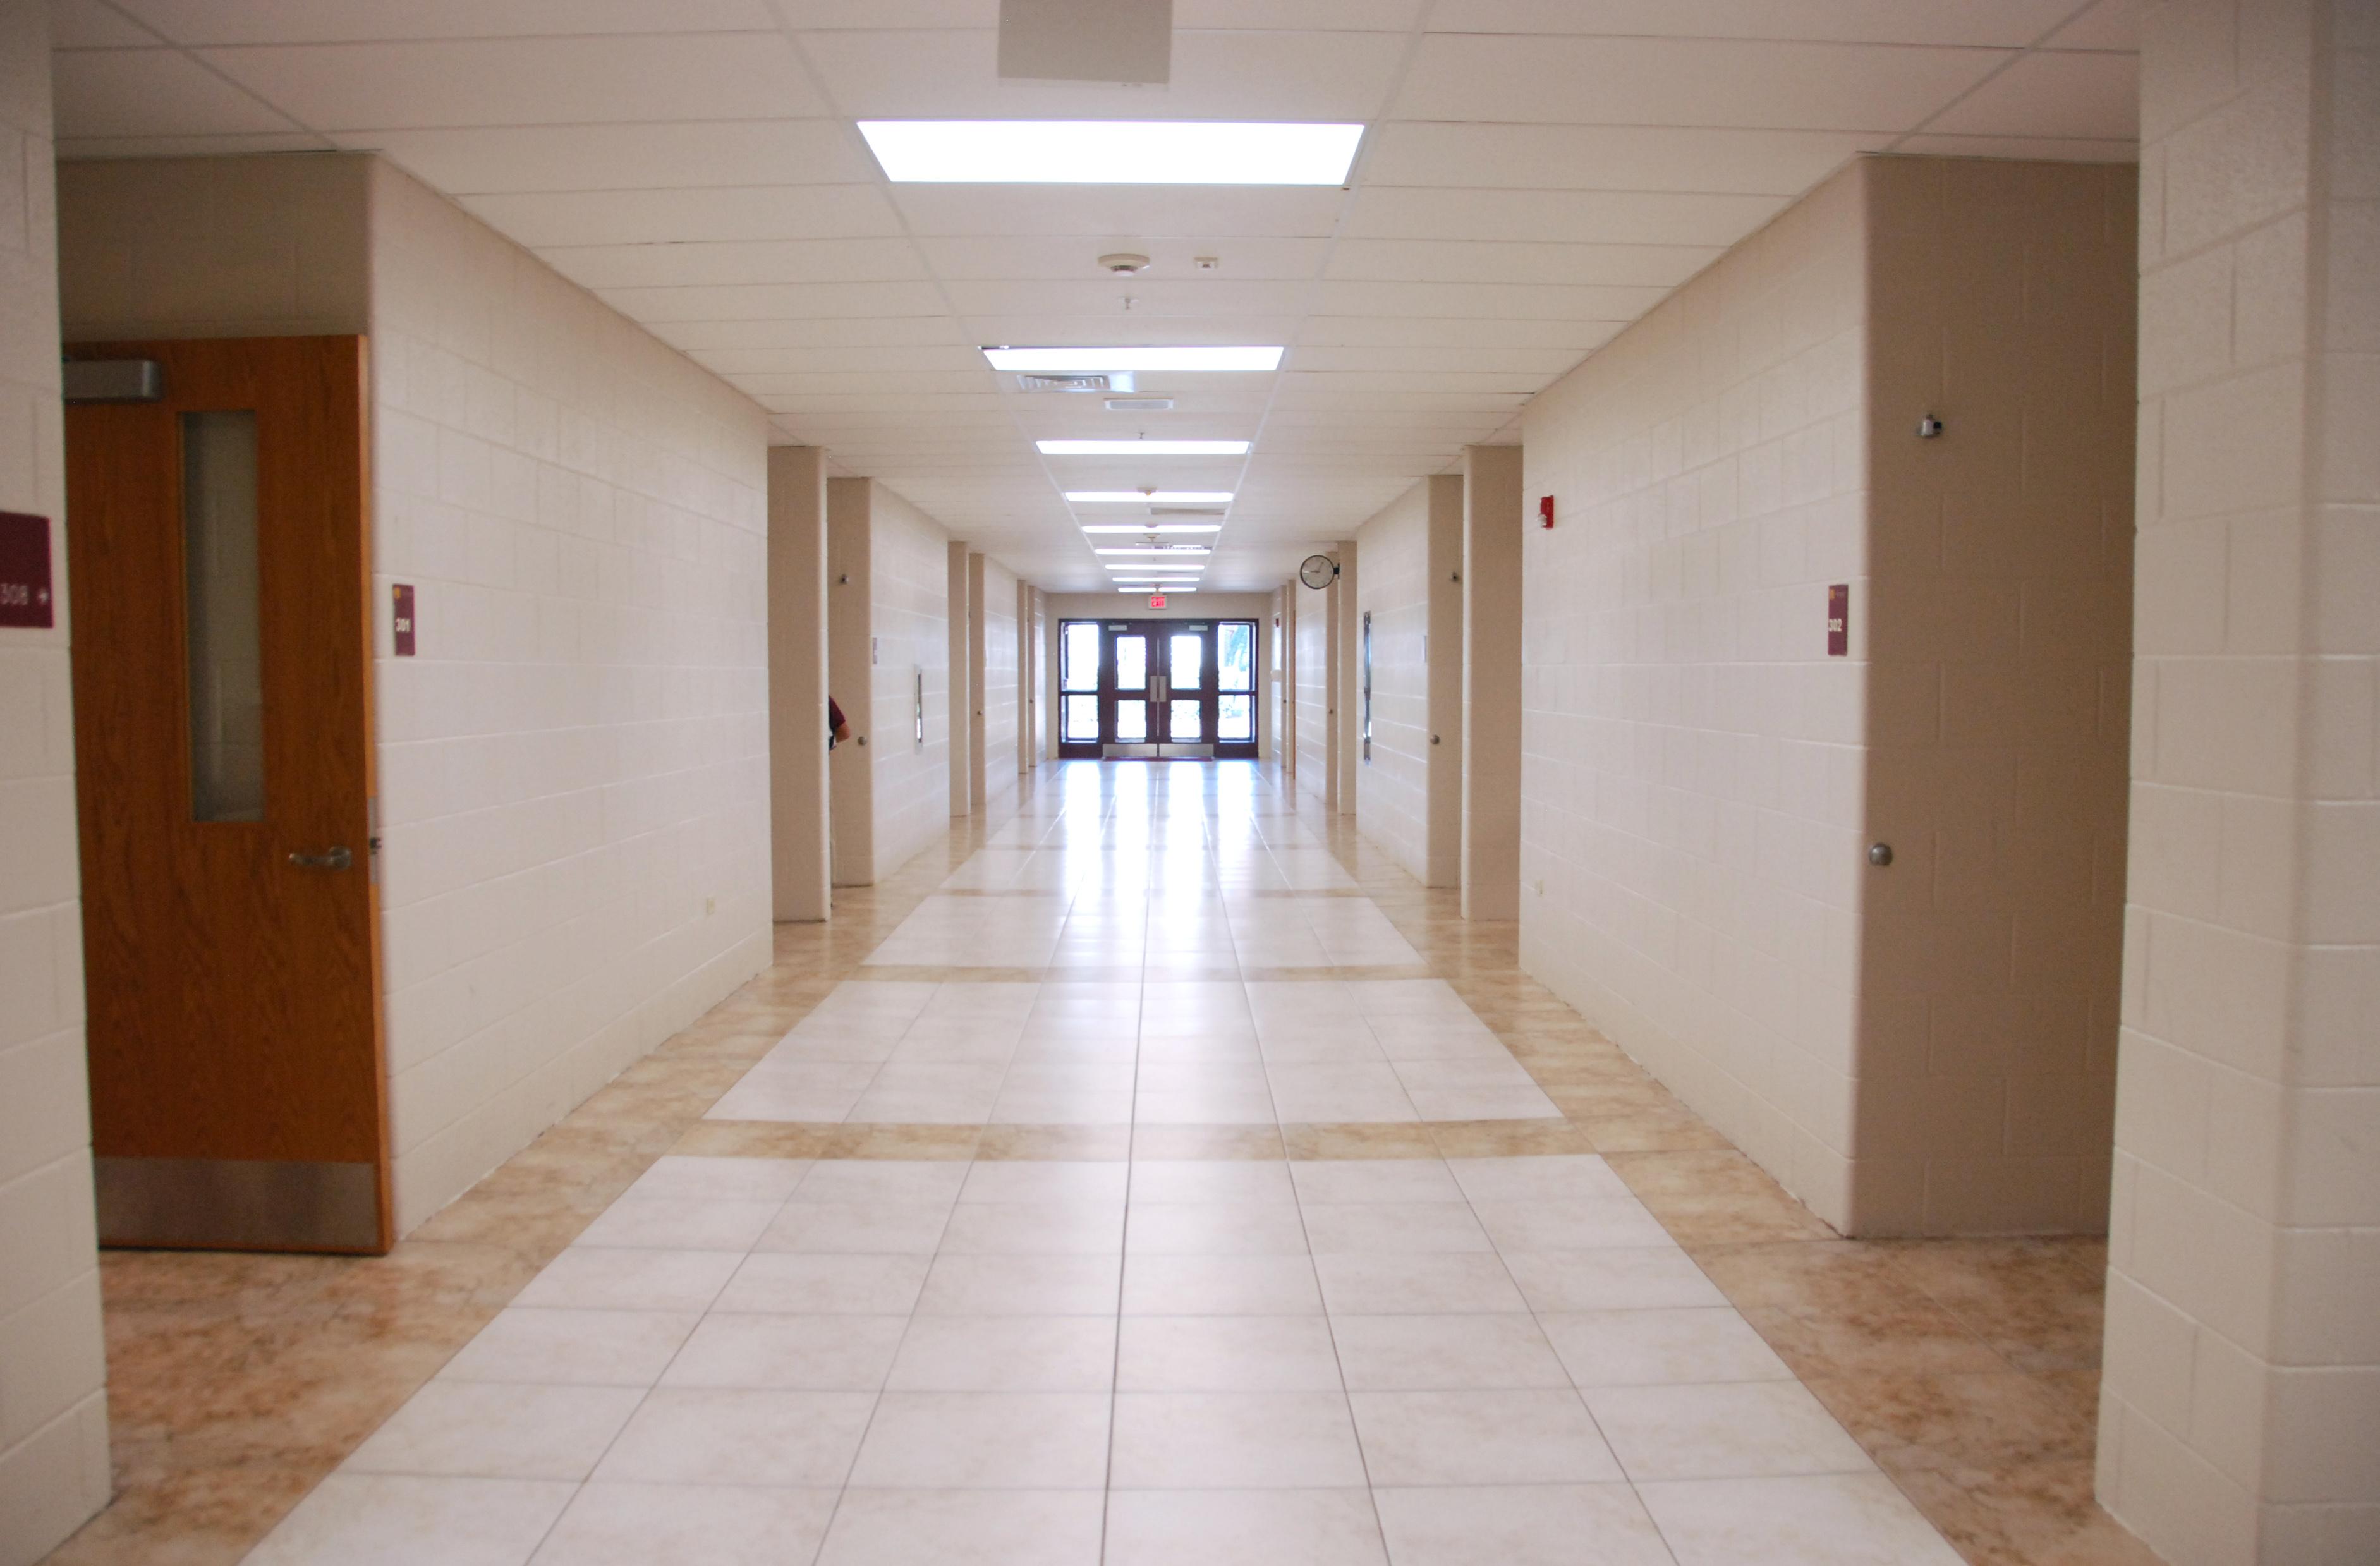 Corridor photo